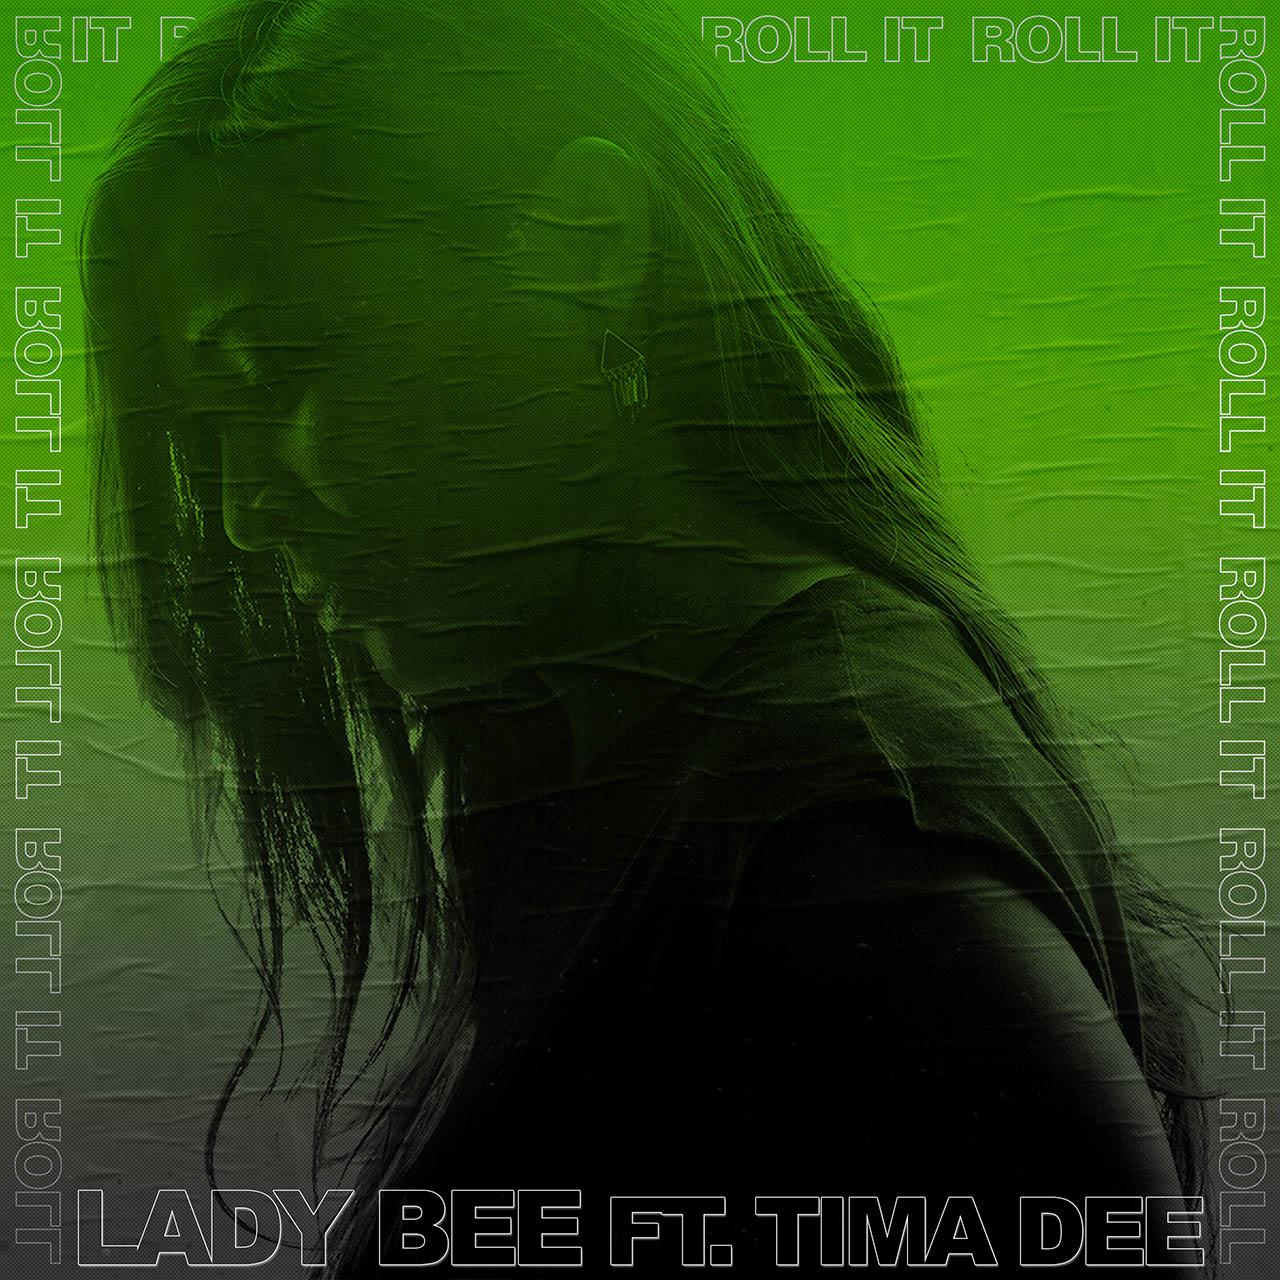 Lady Bee - Roll It